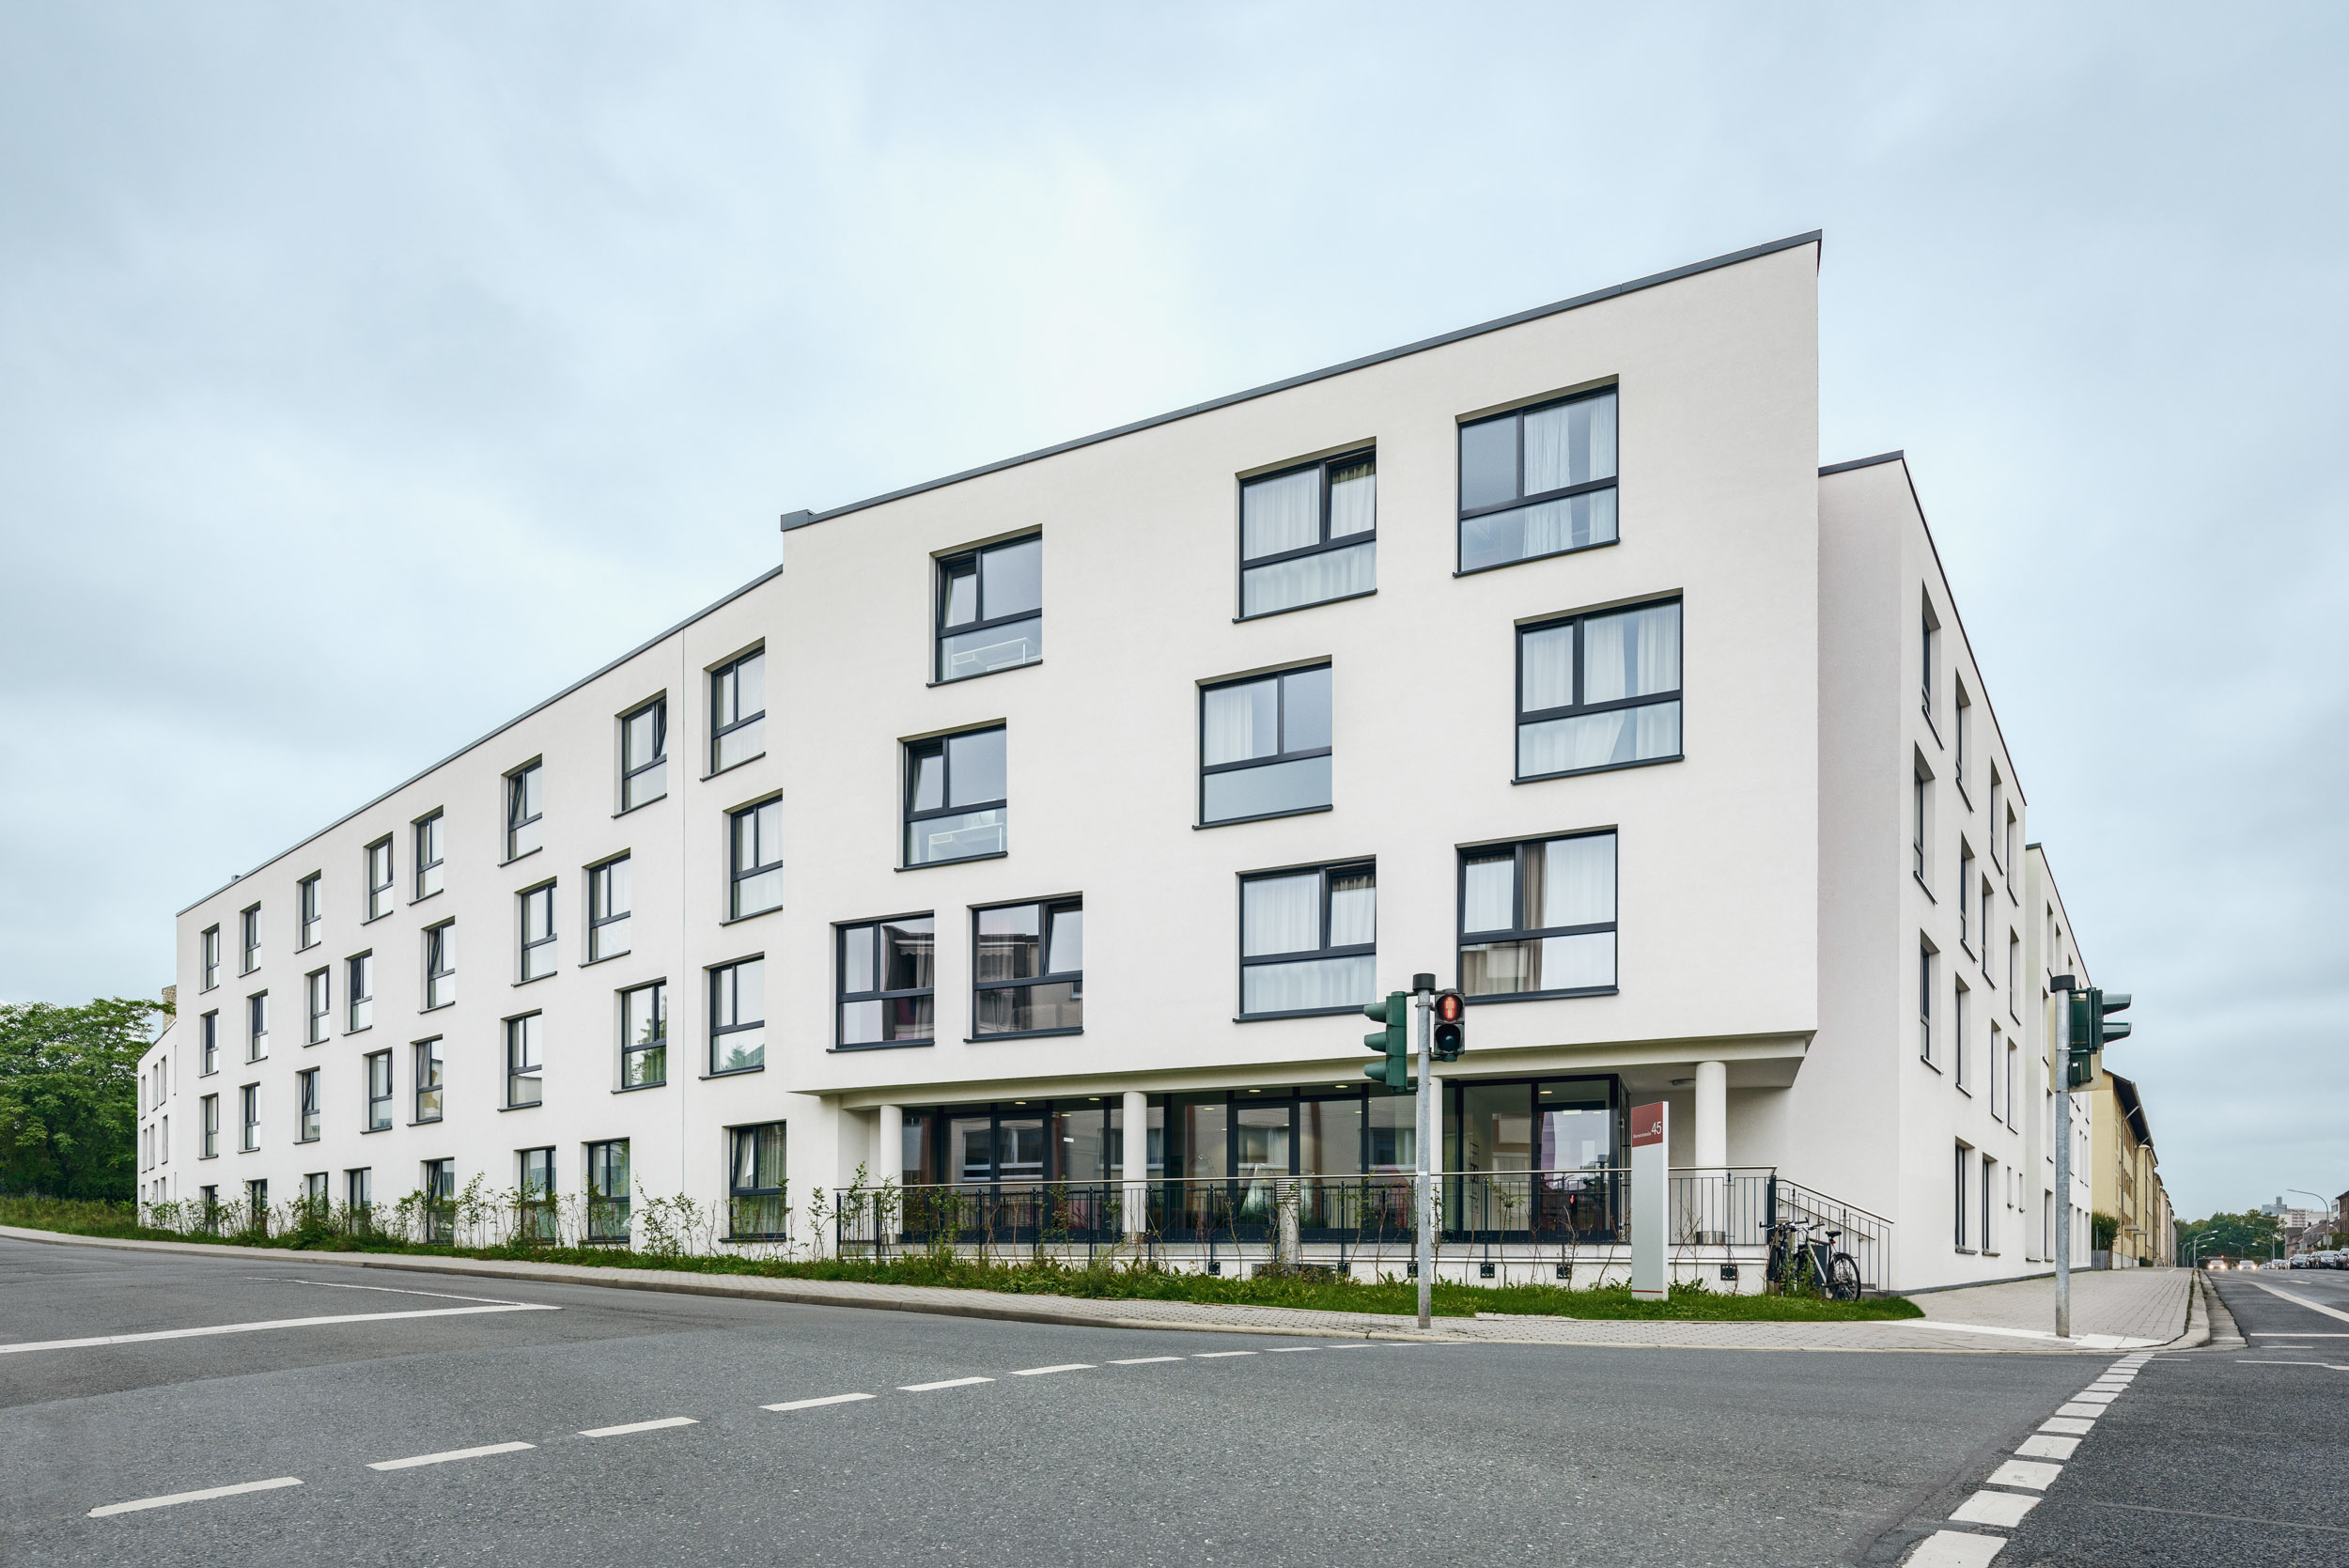 Gustav-Epple-Bauunternehmung-bayreuth-studentenwohnheim-youniq-Bayreuth_MLX5566#00